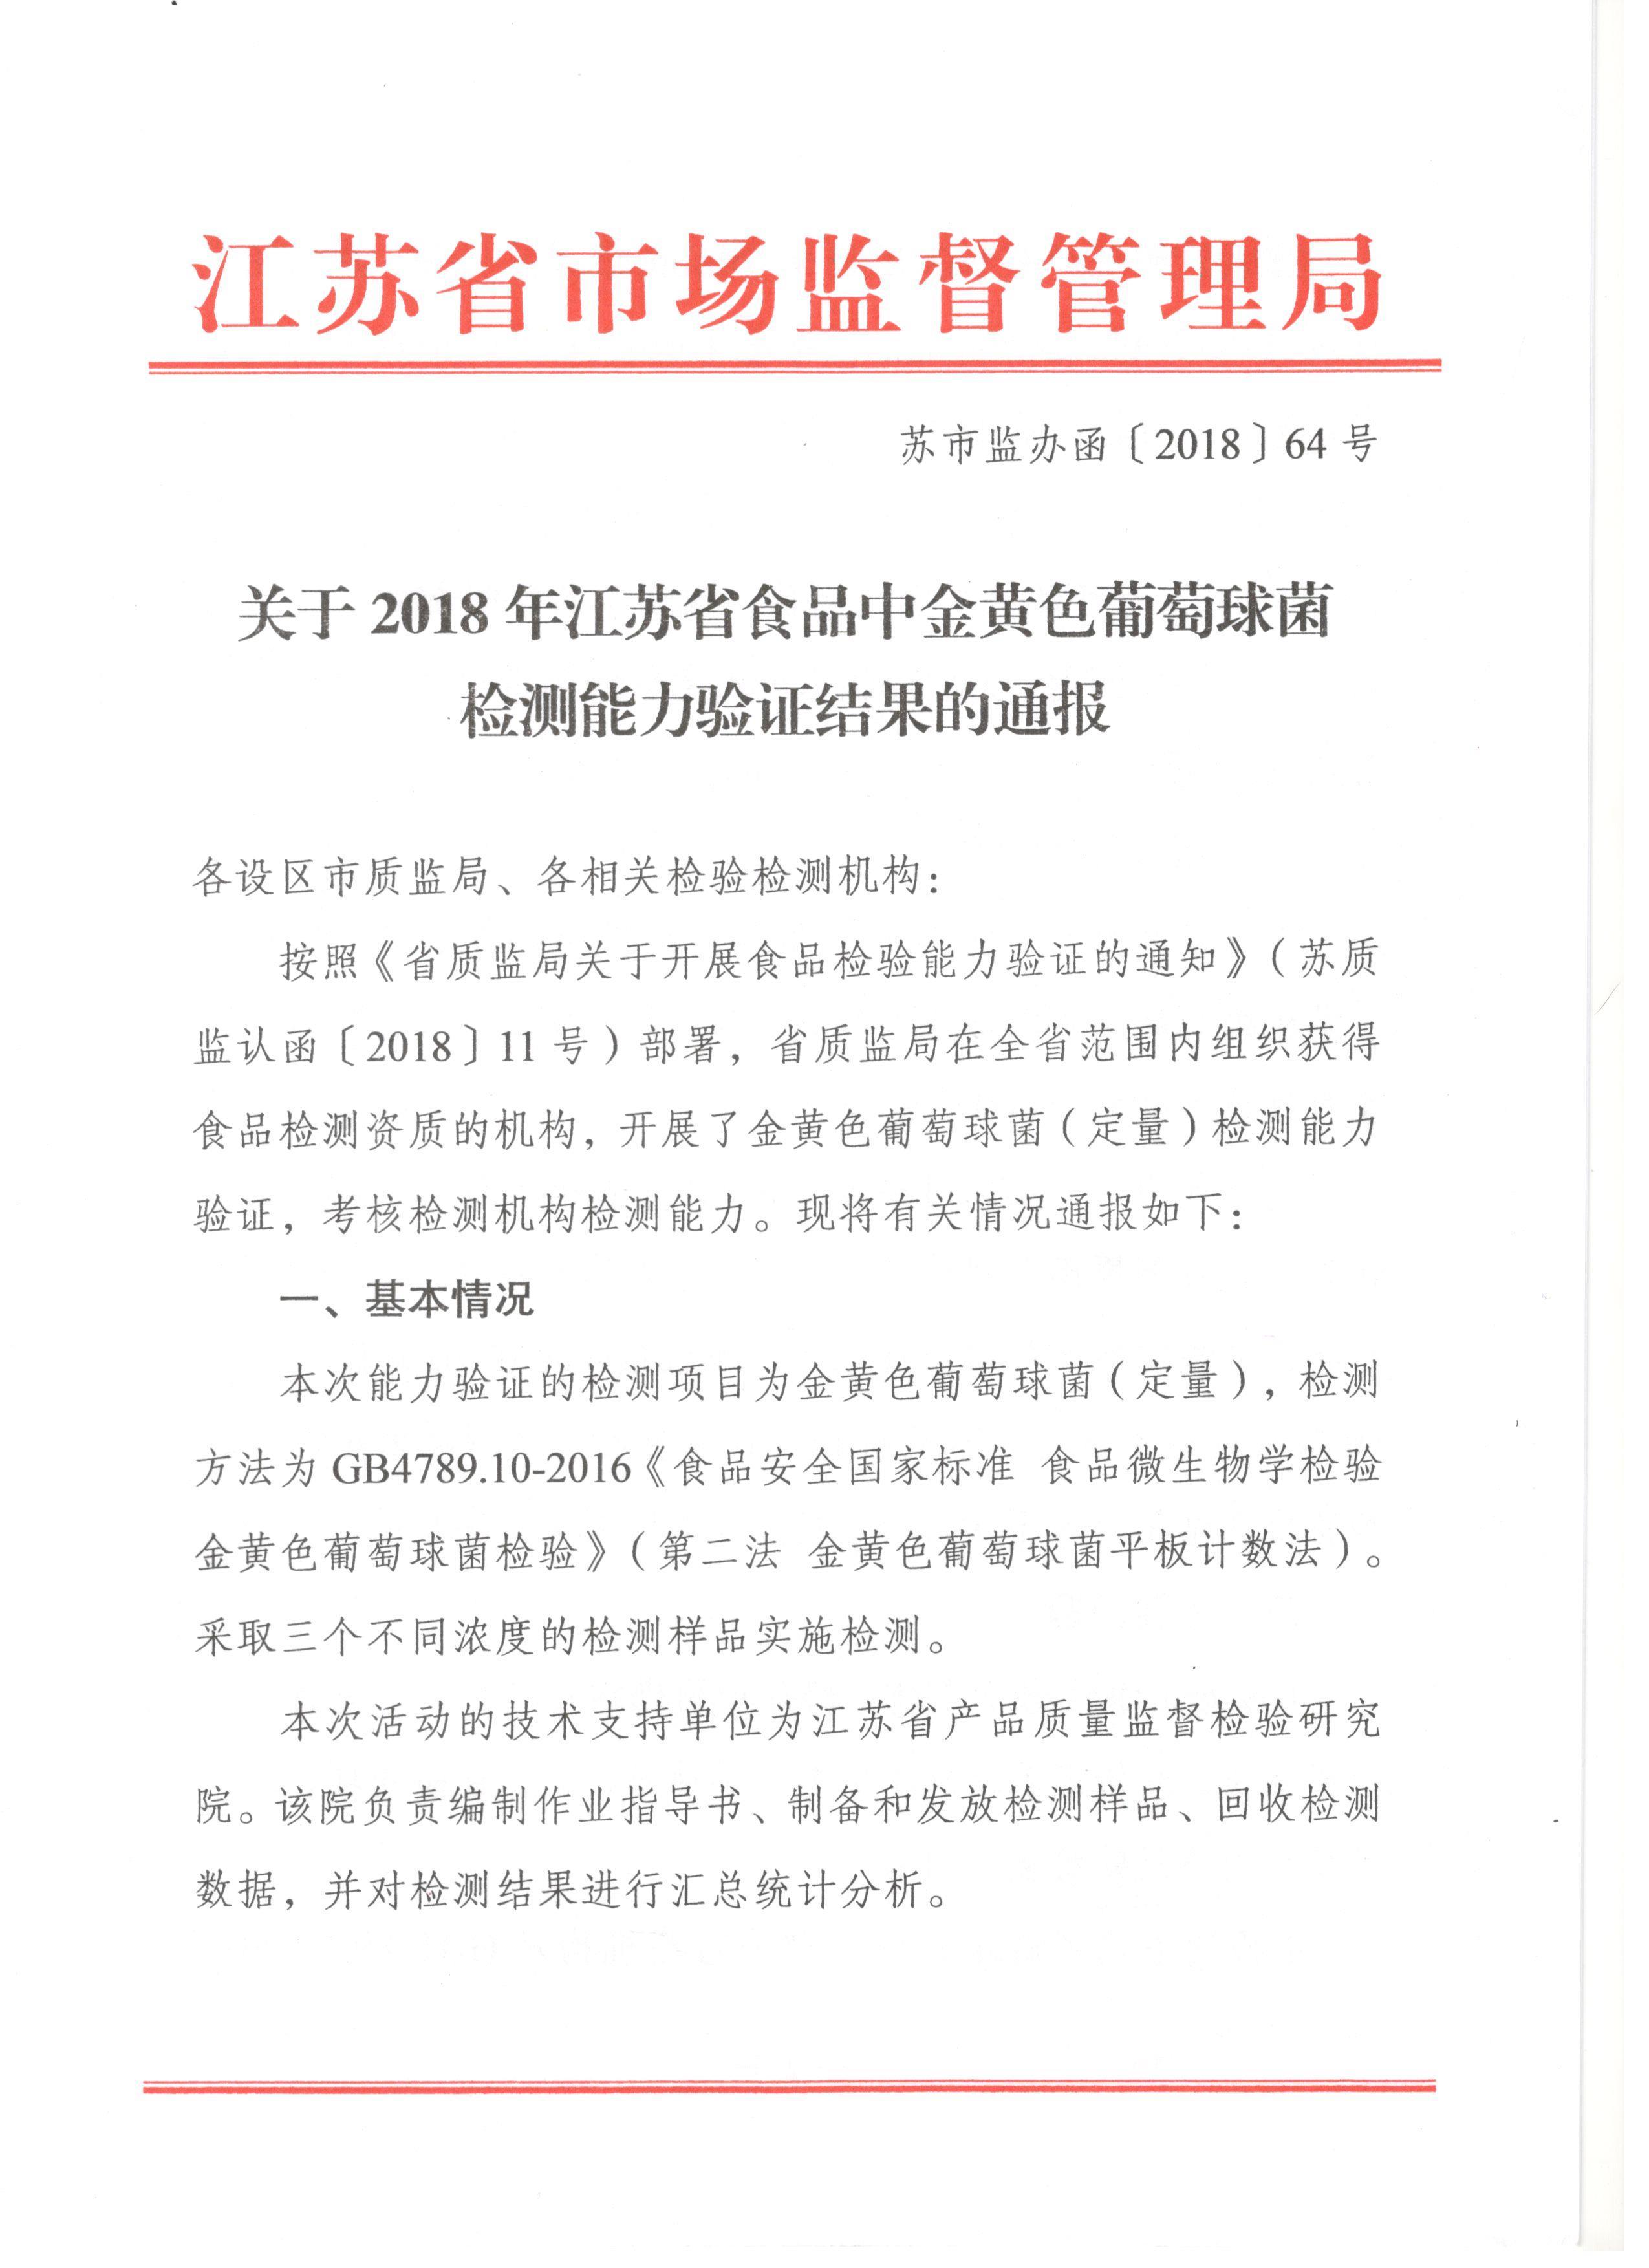 世谱检测通过江苏省市场监督管理局组织的铅和金黄色葡萄球菌能力验证